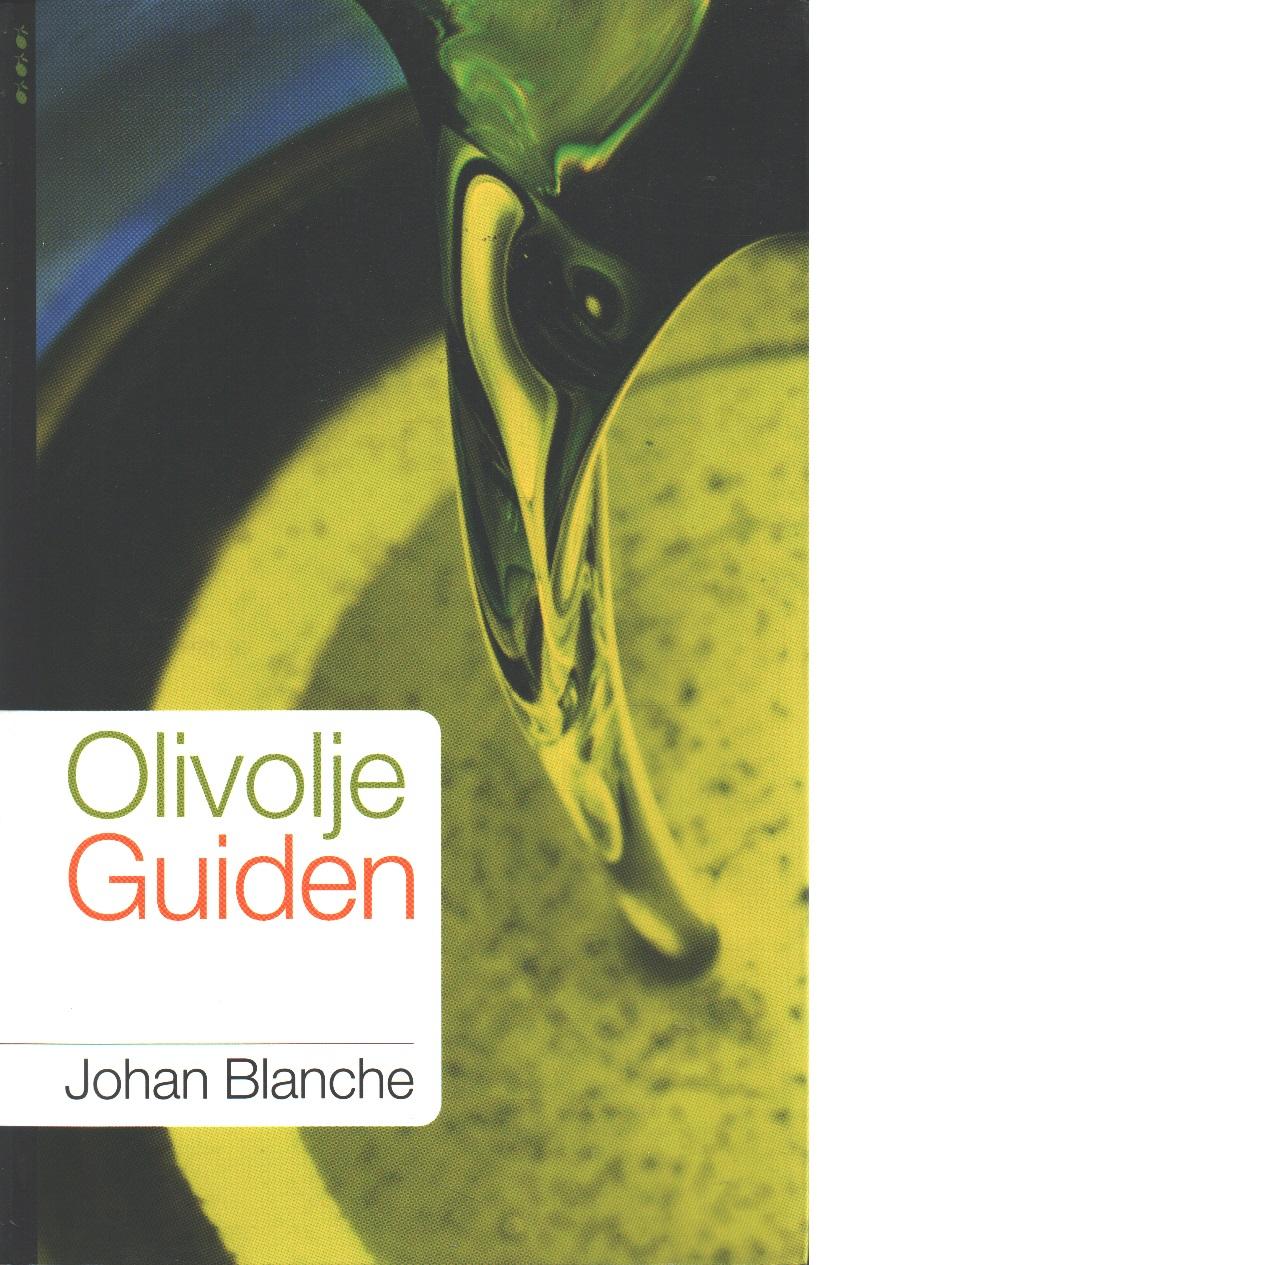 Olivoljeguiden - Blanche, Johan